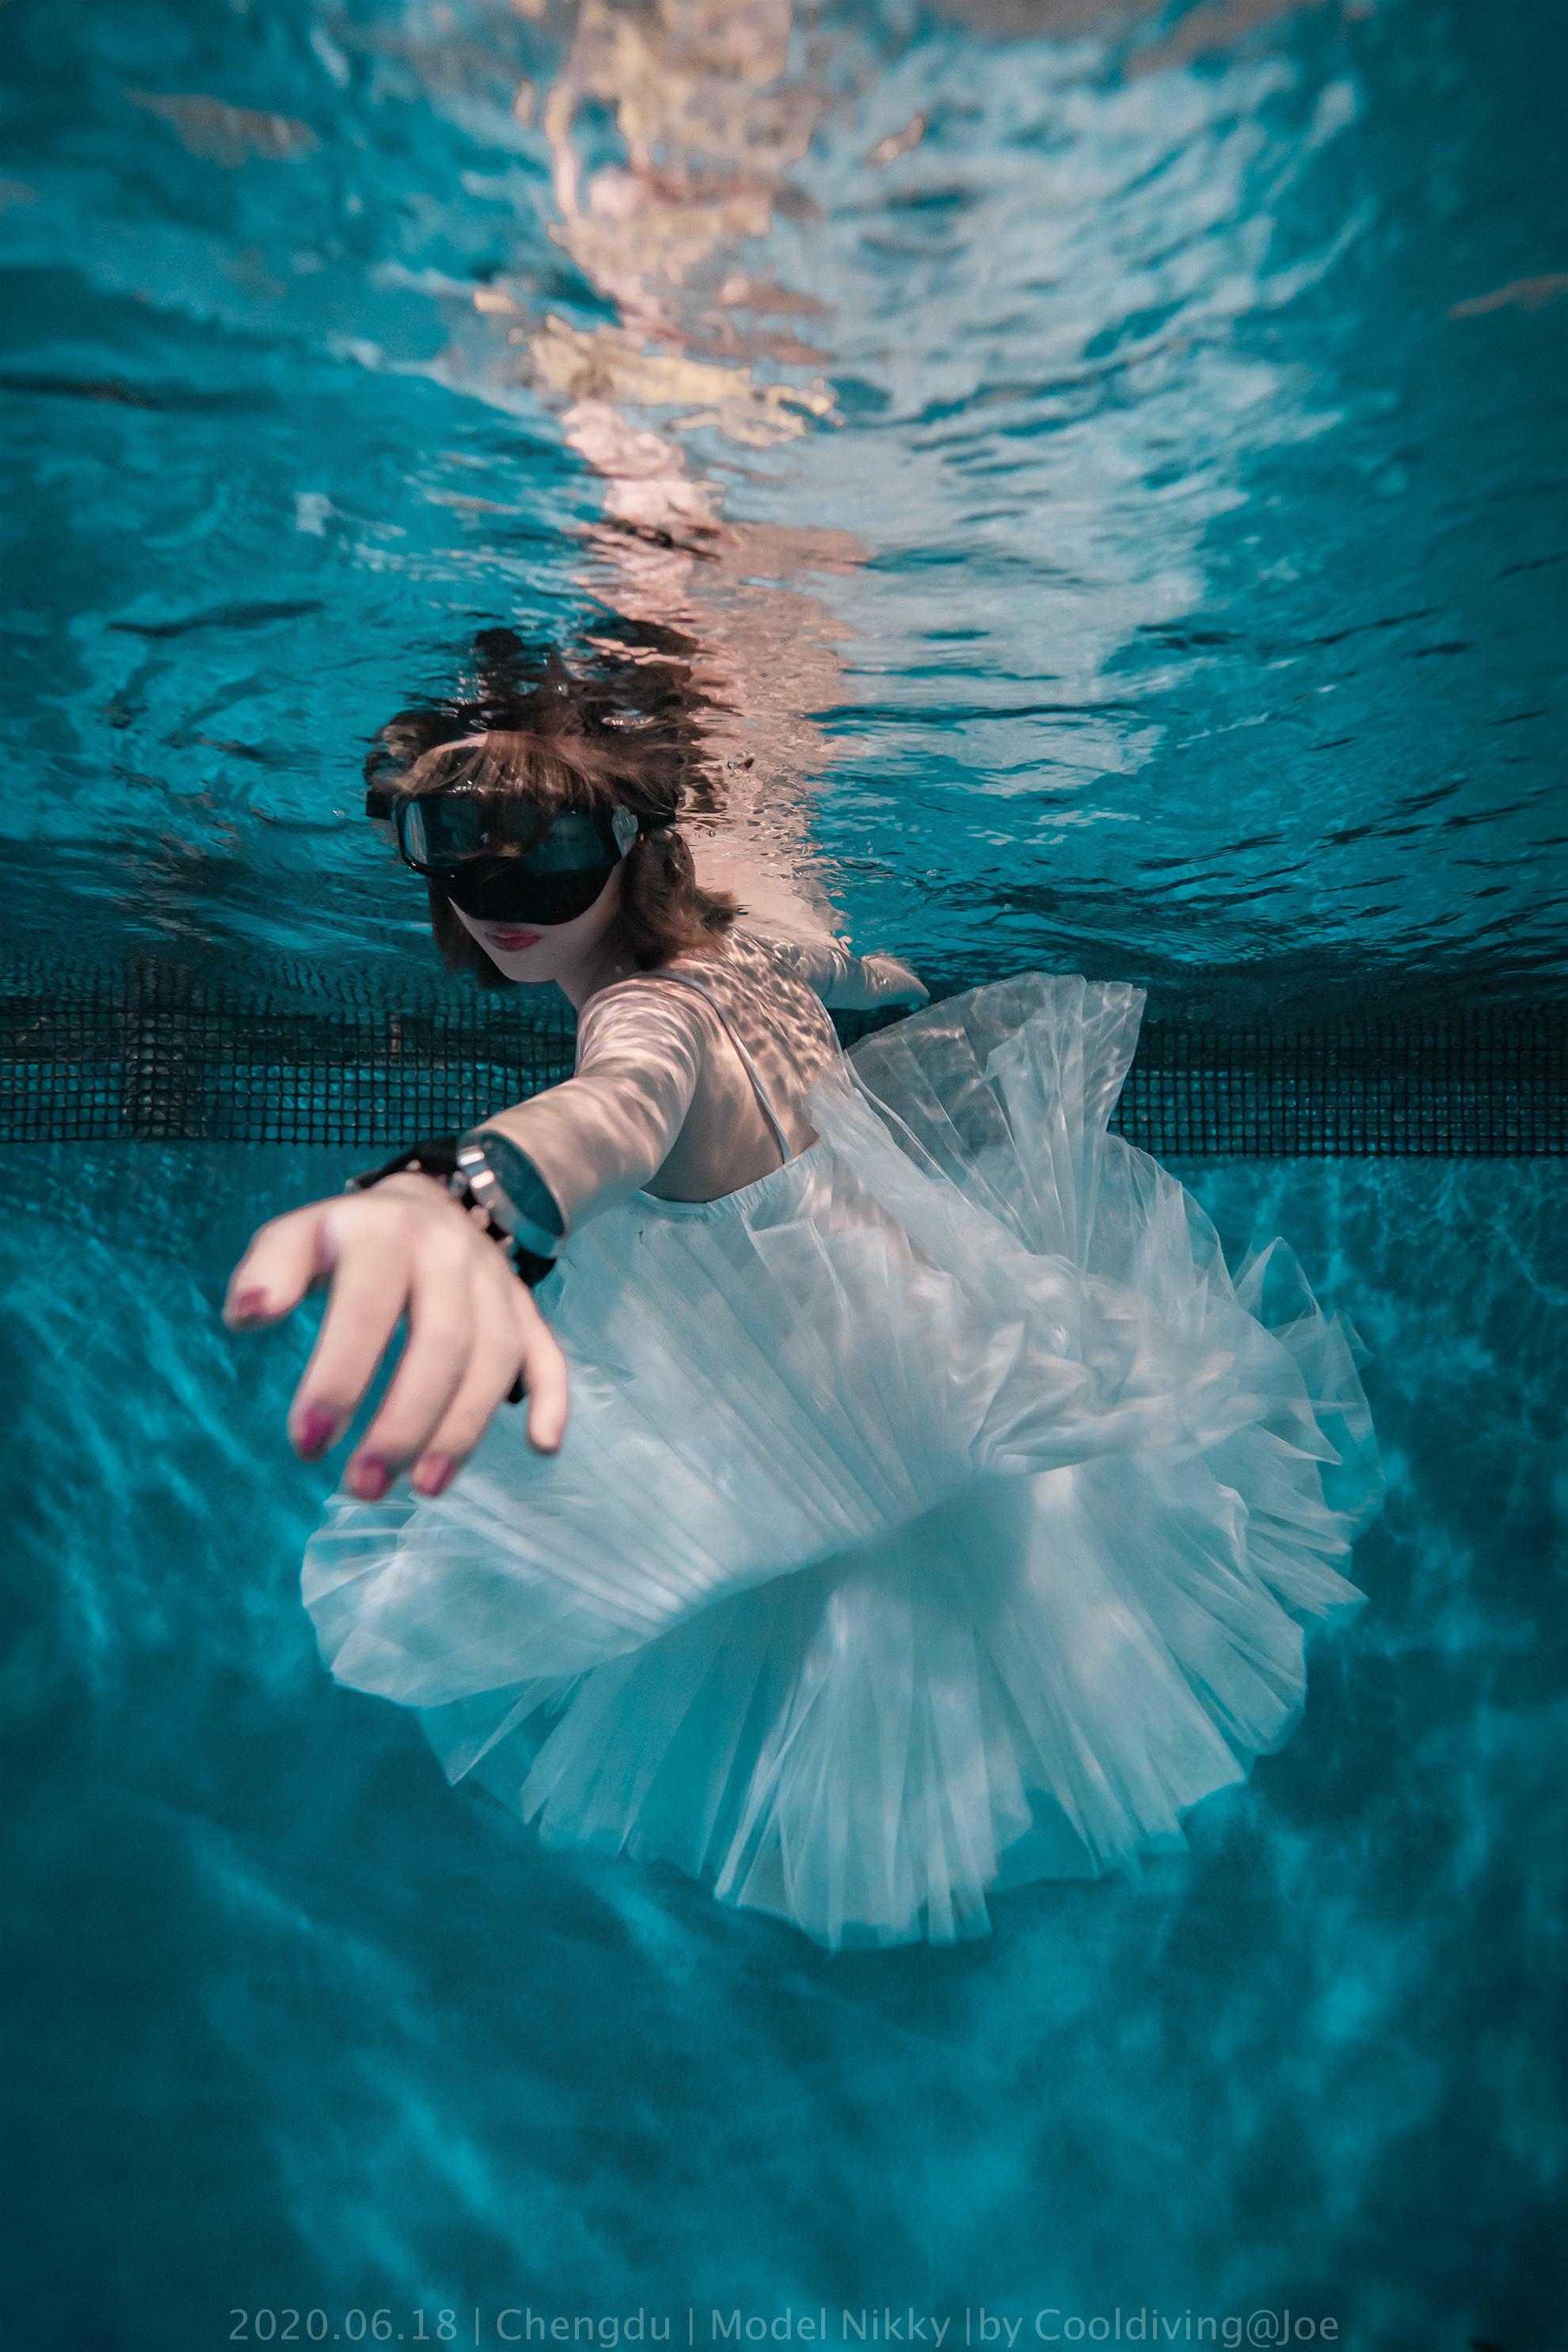 艺术照片 水下婚纱照 水下艺术照